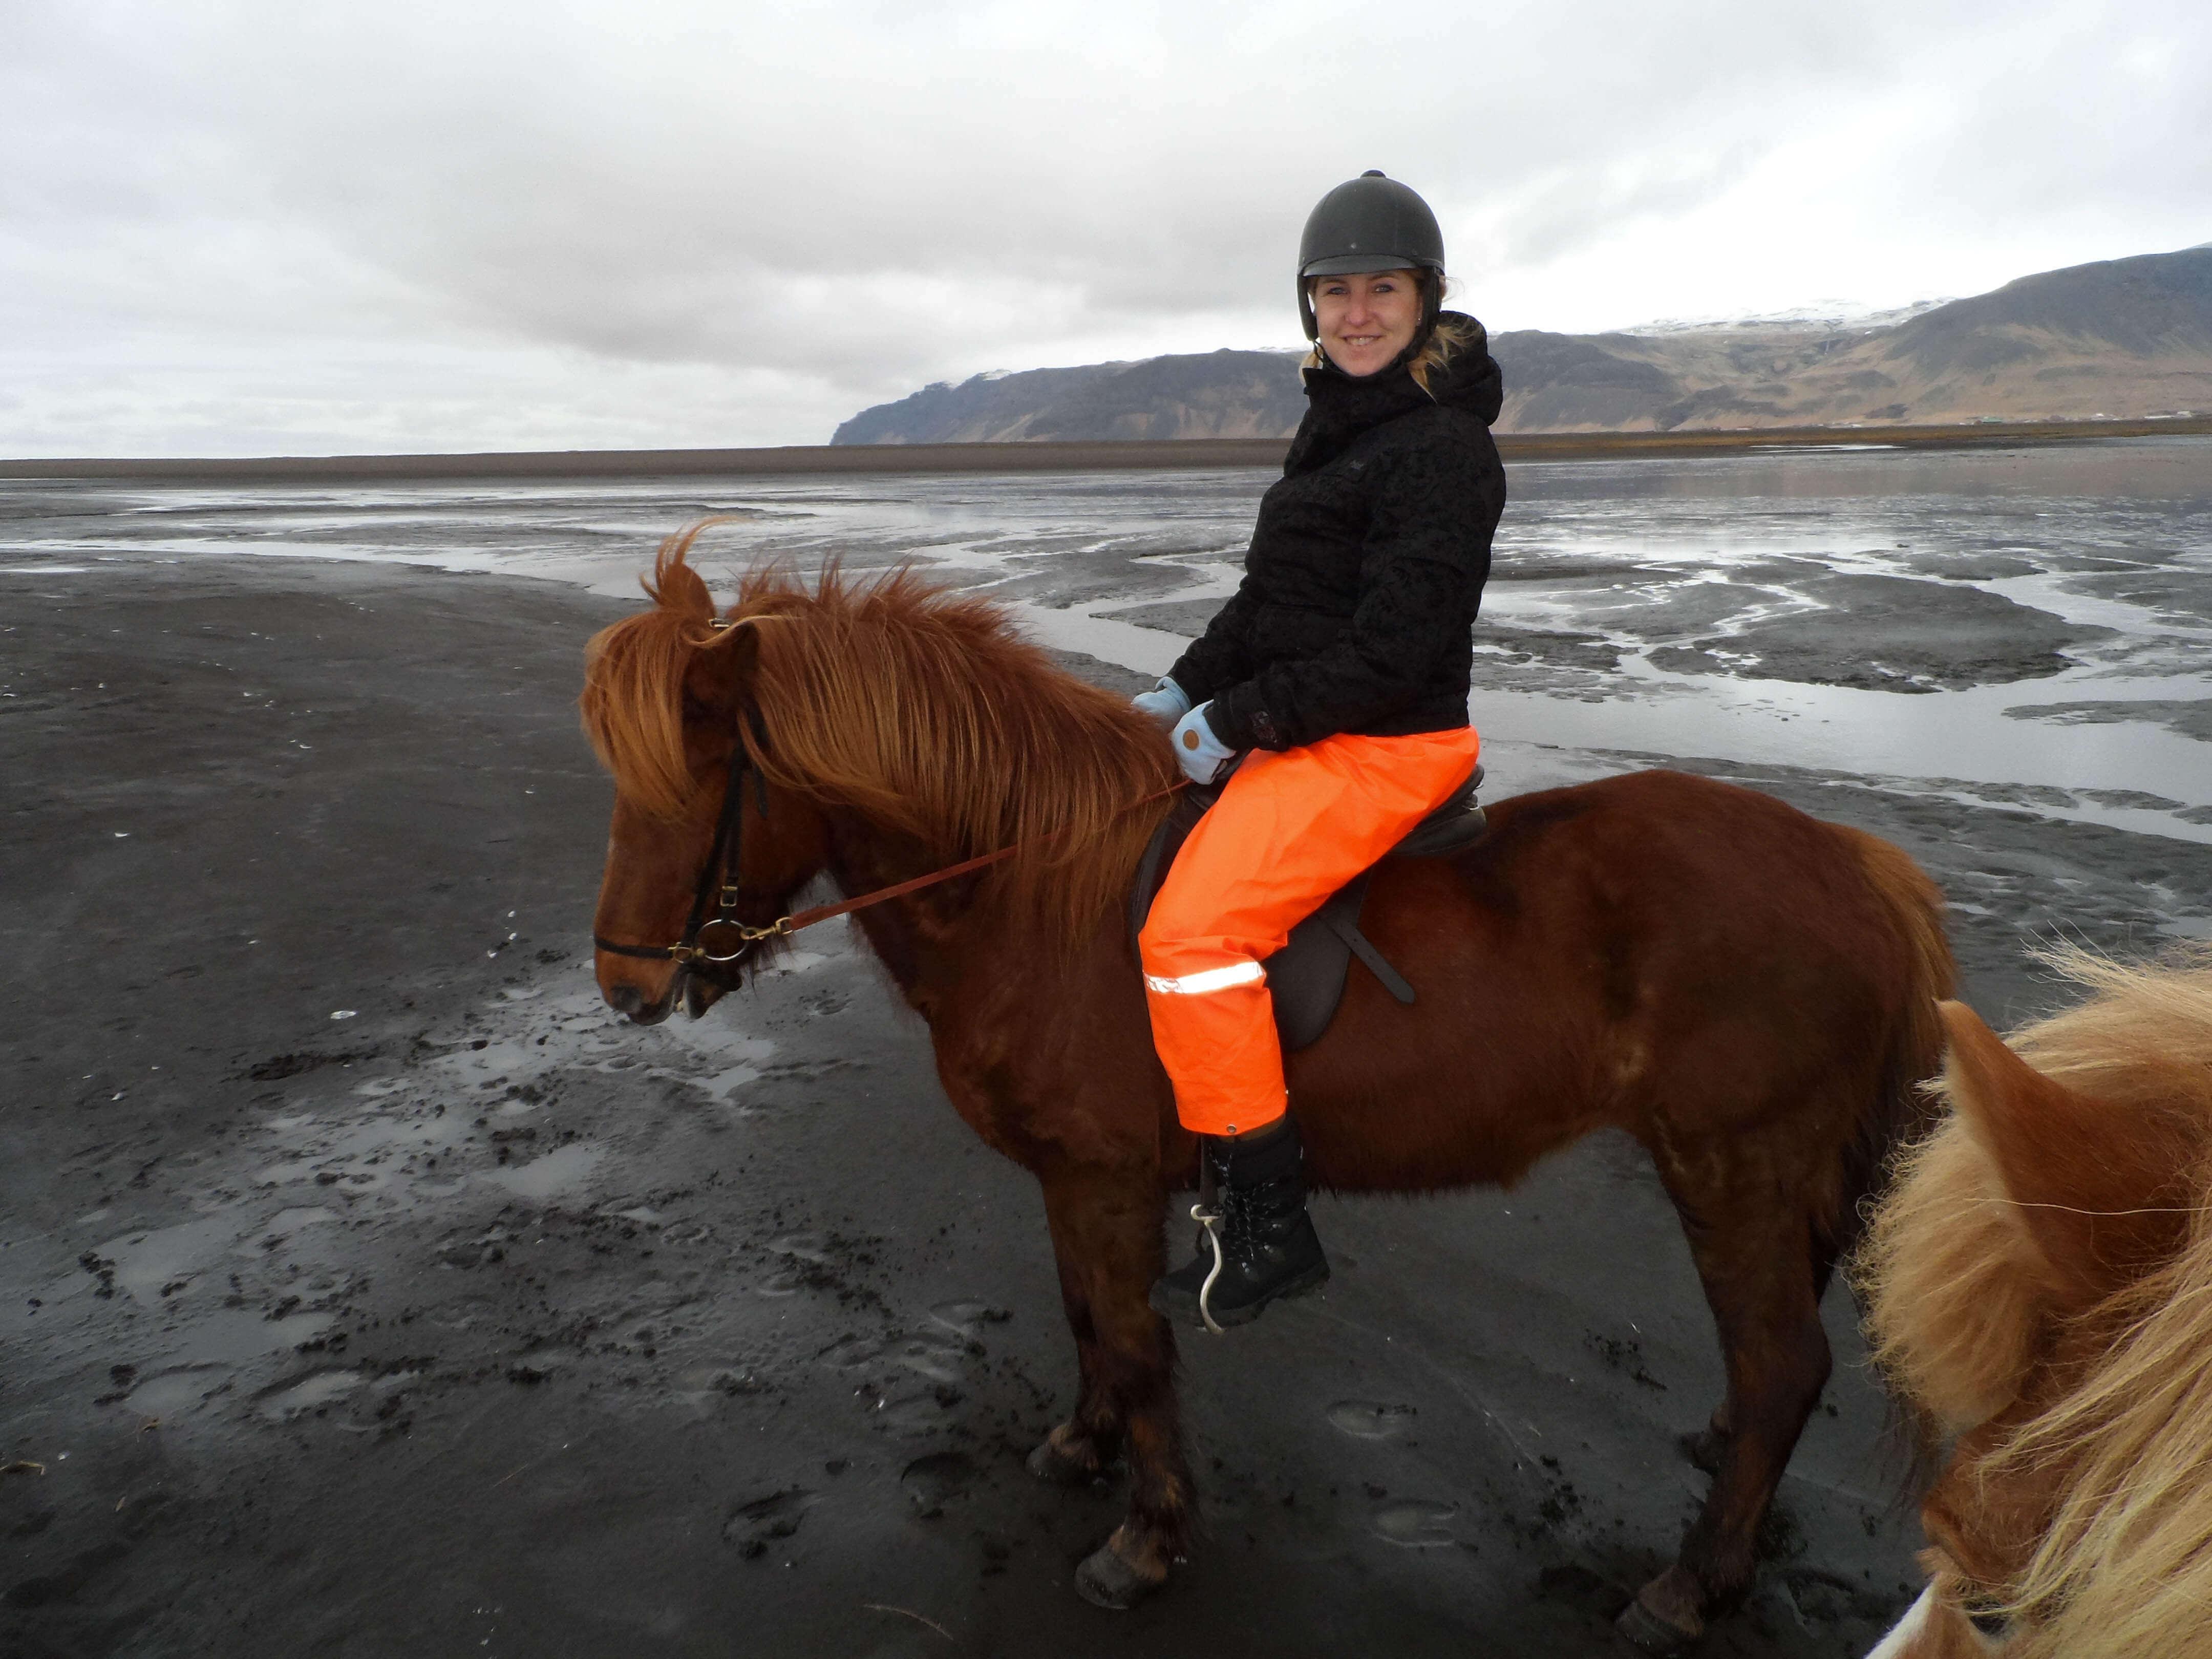 Paardrijvakanties en paardrijden in IJsland